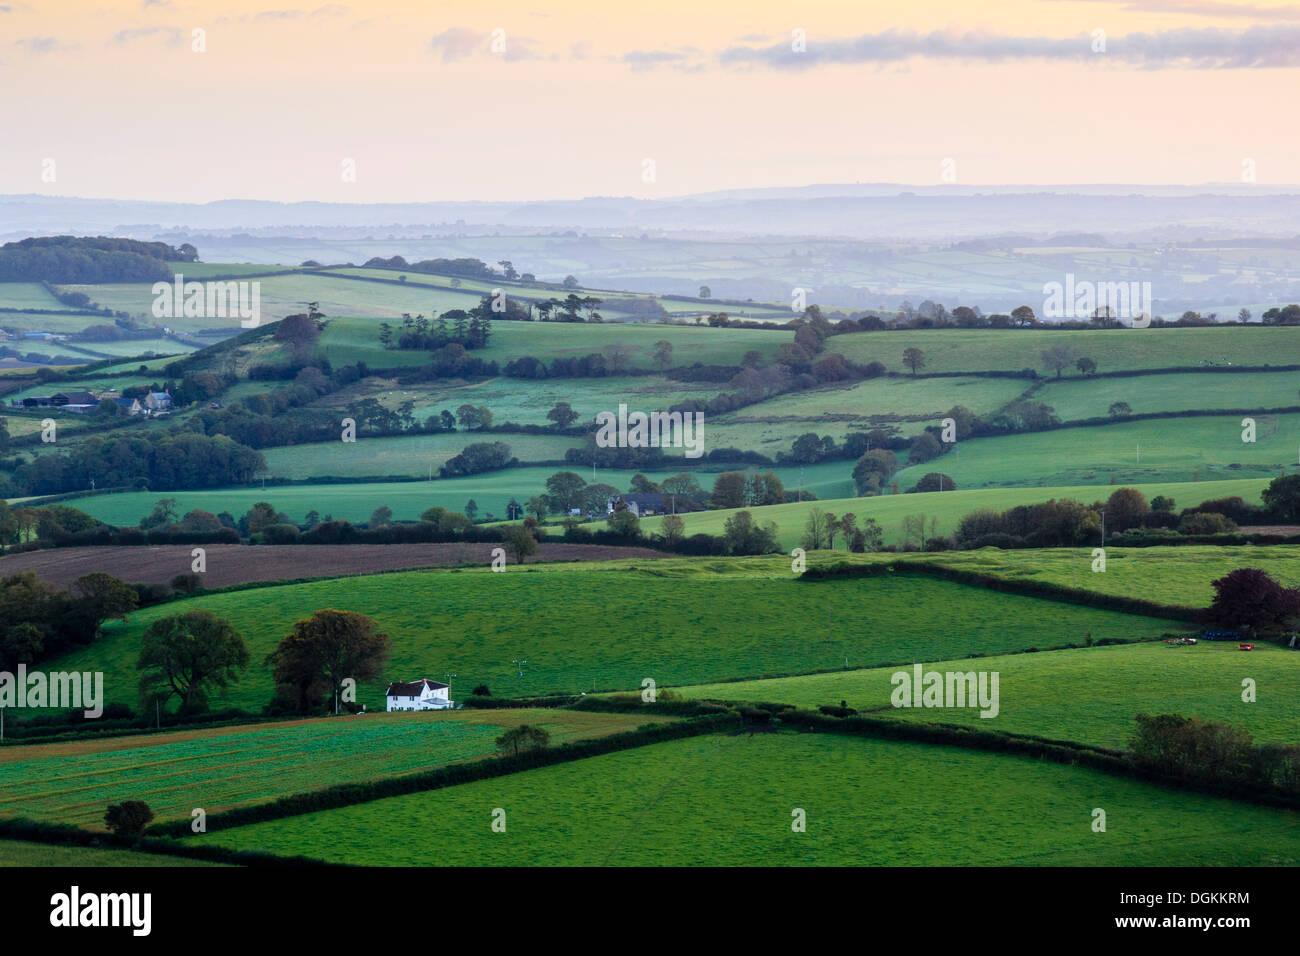 Am frühen Morgen Aussicht West Dorset aus Pilson Stift Hügel Fort, das ist der höchste Punkt in Dorset. Stockbild